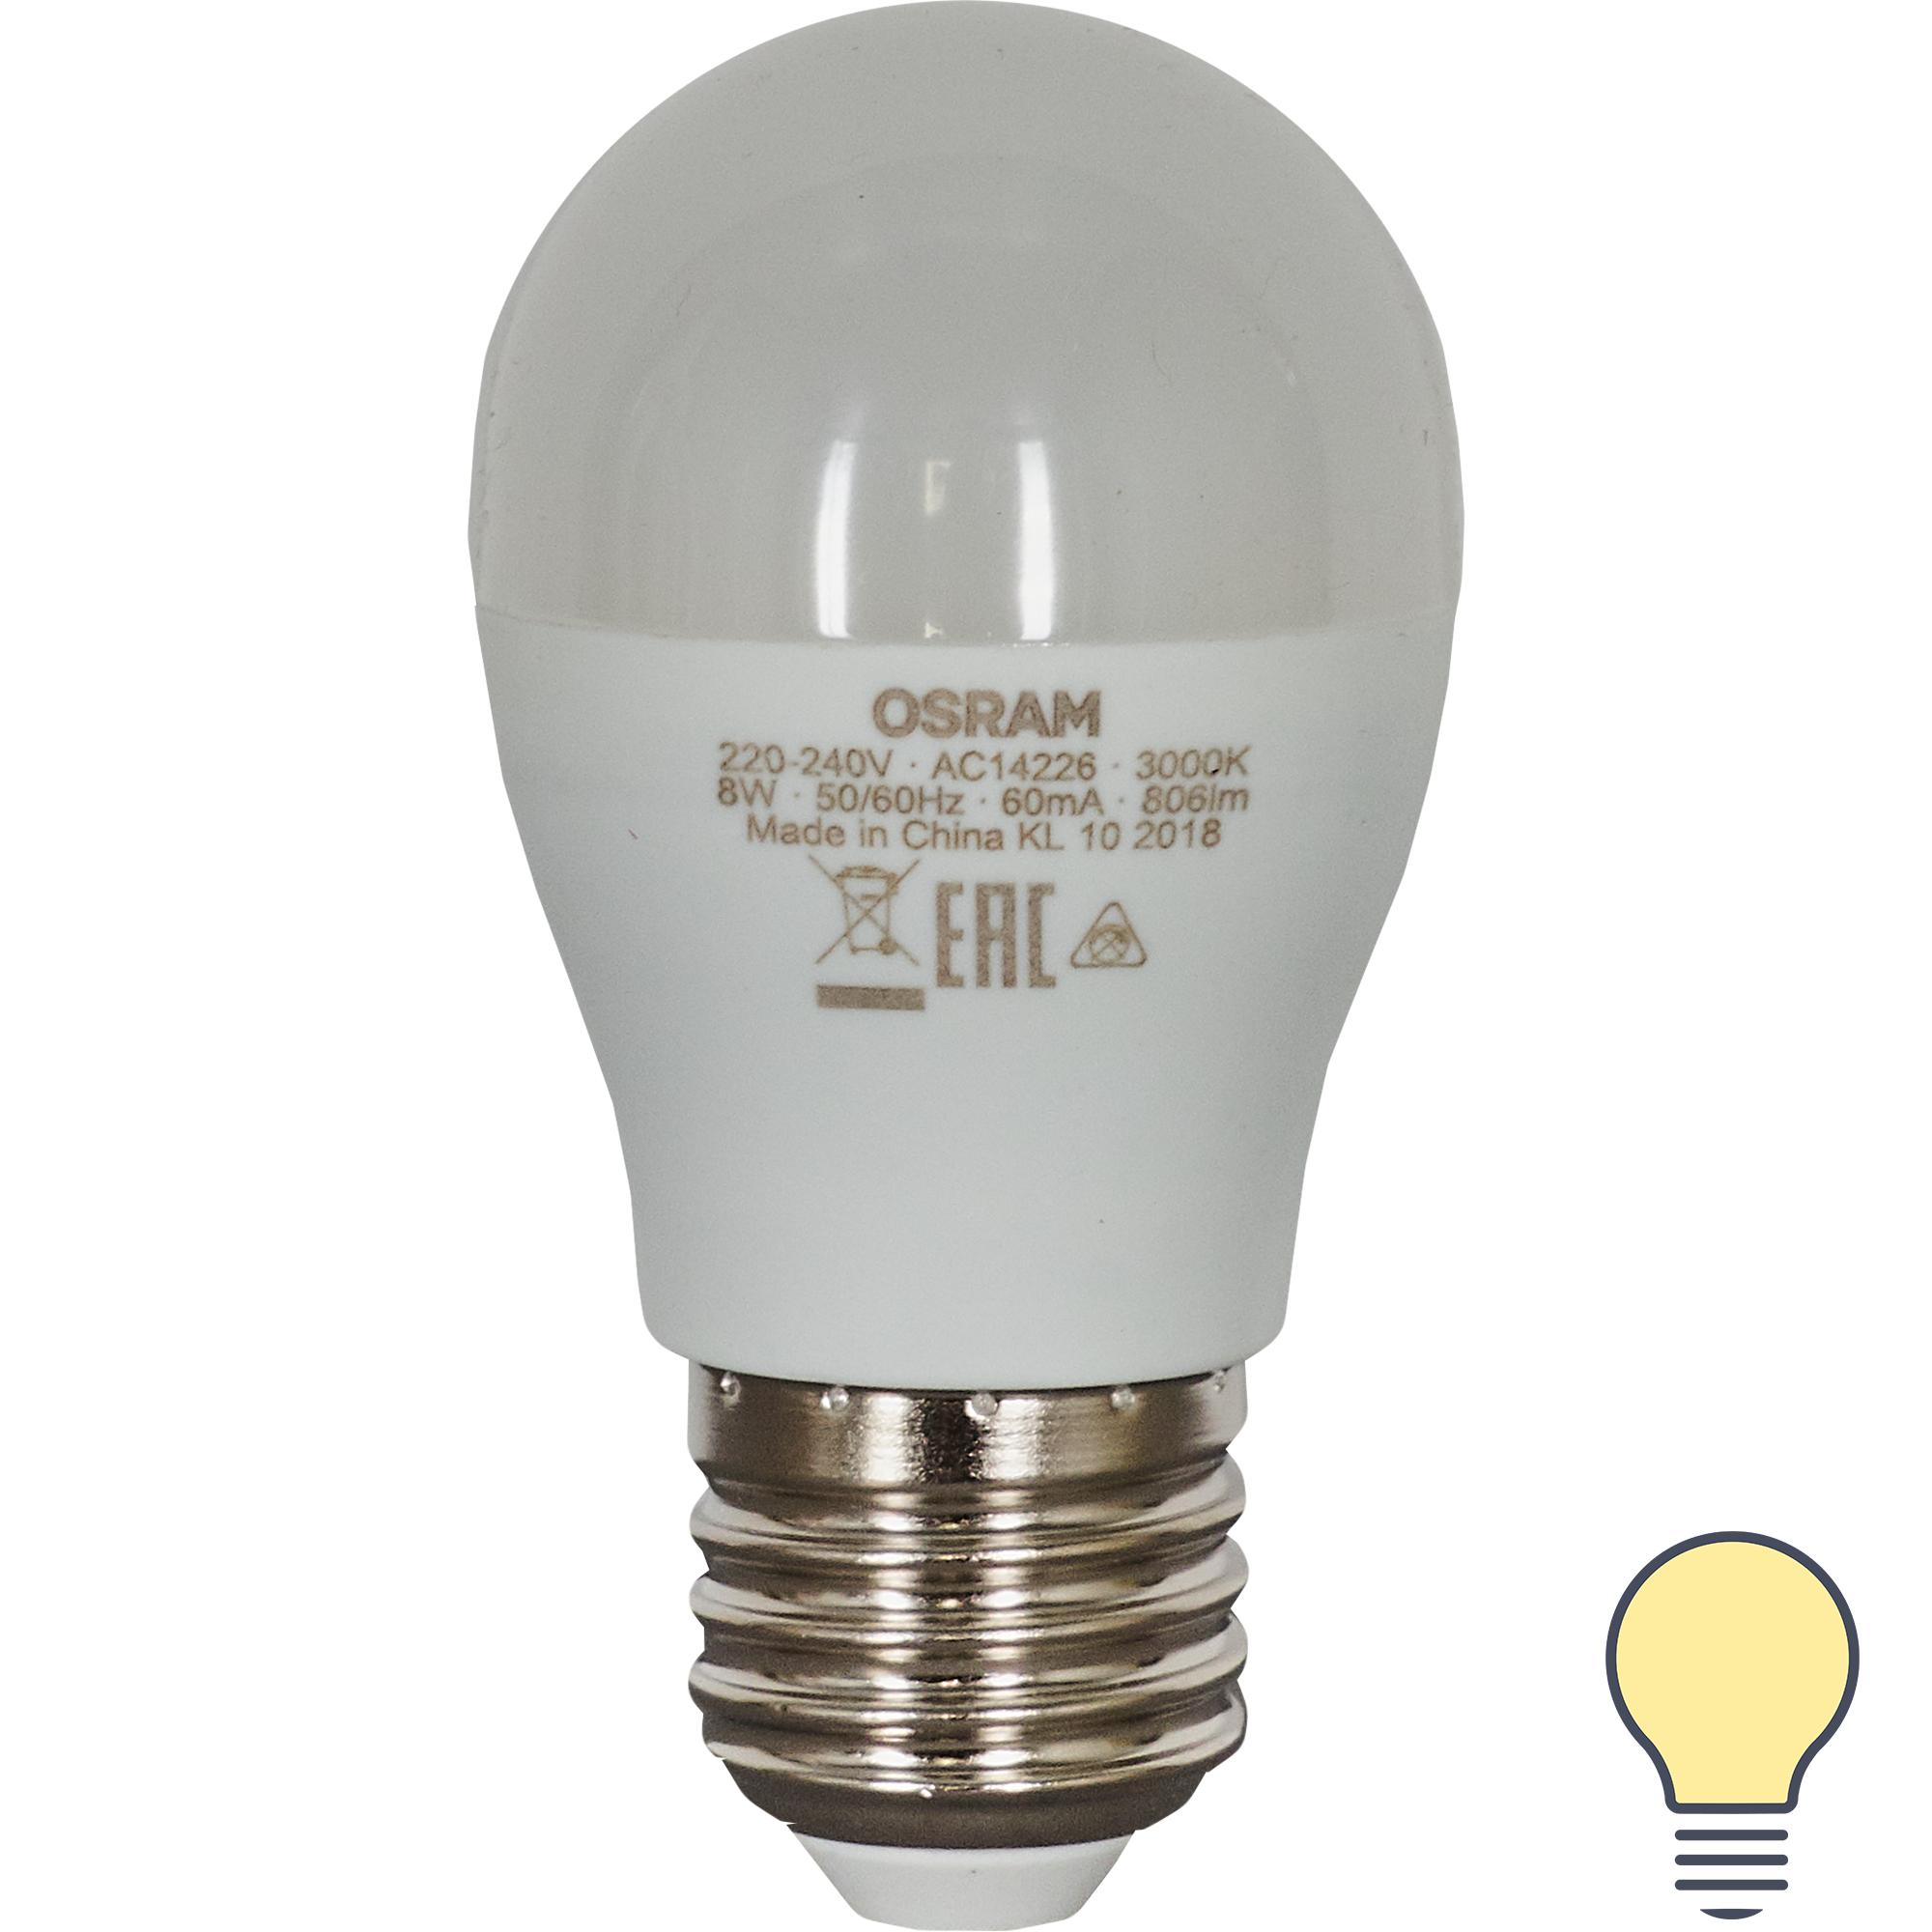 Лампа светодиодная Osram E27 220 В 8 Вт шар матовая 806 лм тёплый белый свет